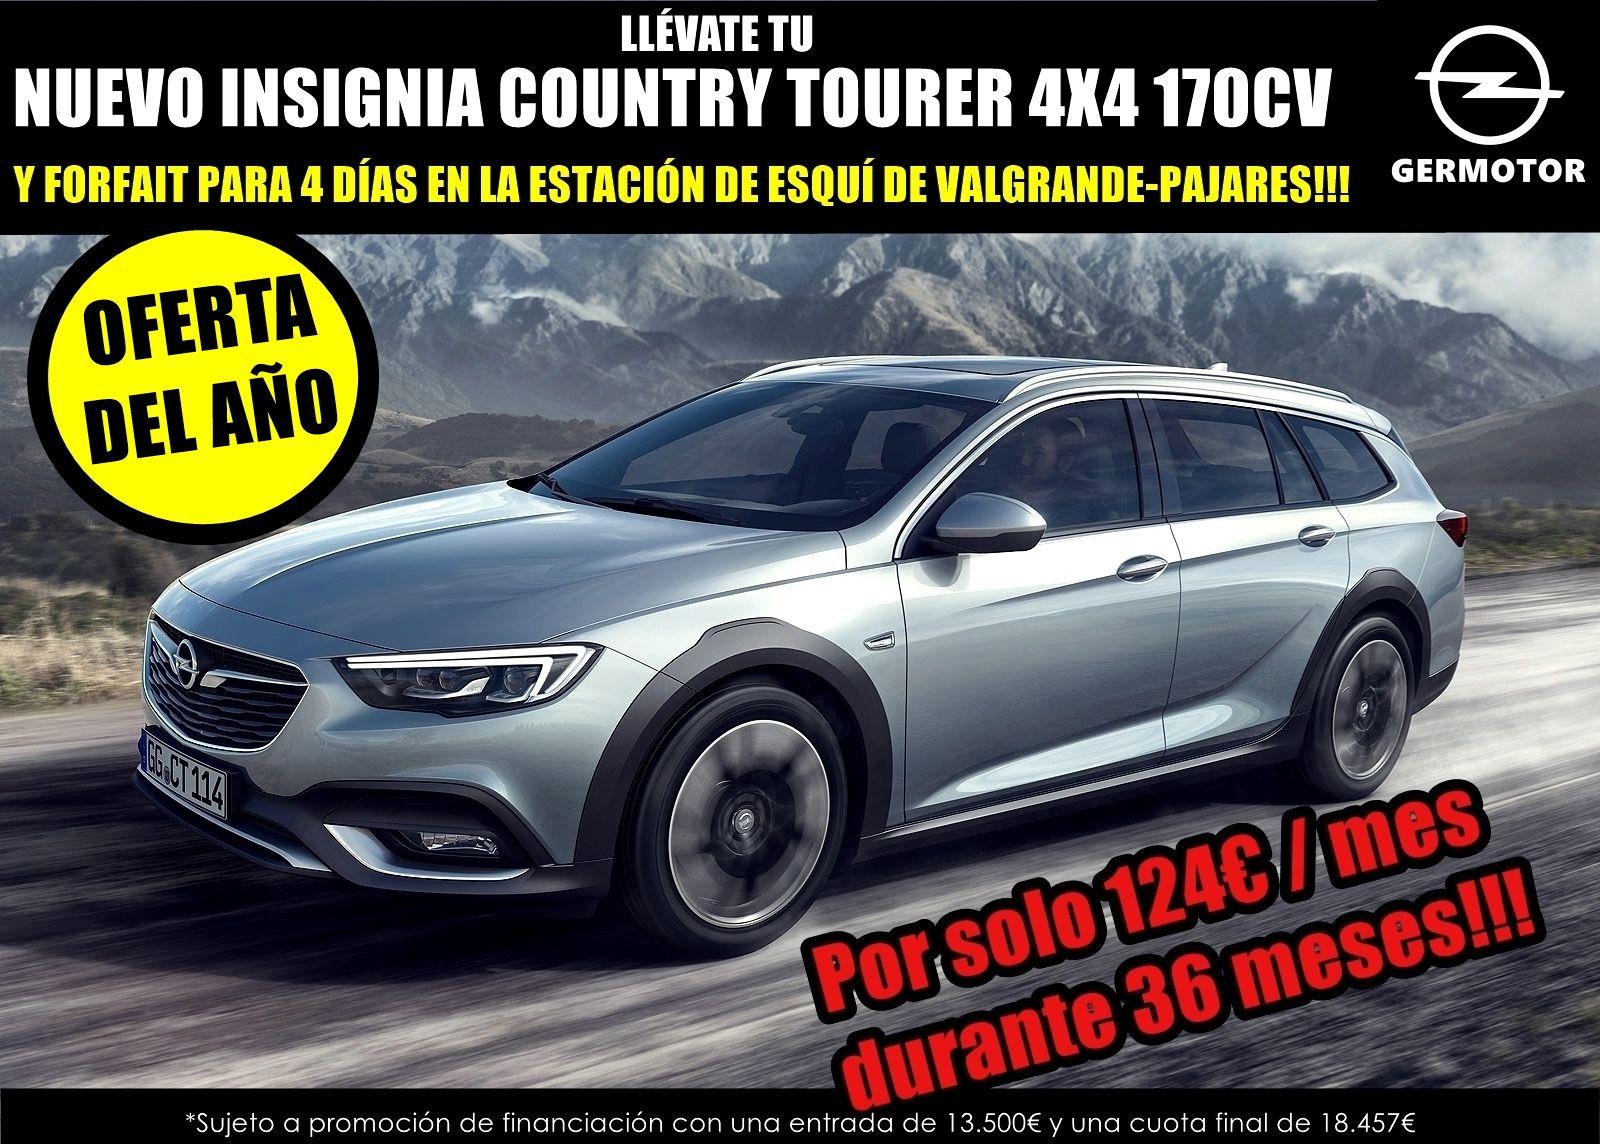 YA ESTÁ AQUÍ LA OFERTA DEL AÑO EN GERMOTOR!! TU NUEVO INSIGNIA COUNTRY TOURER 4X4 170CV!! POR SOLO 124€ AL MES!!